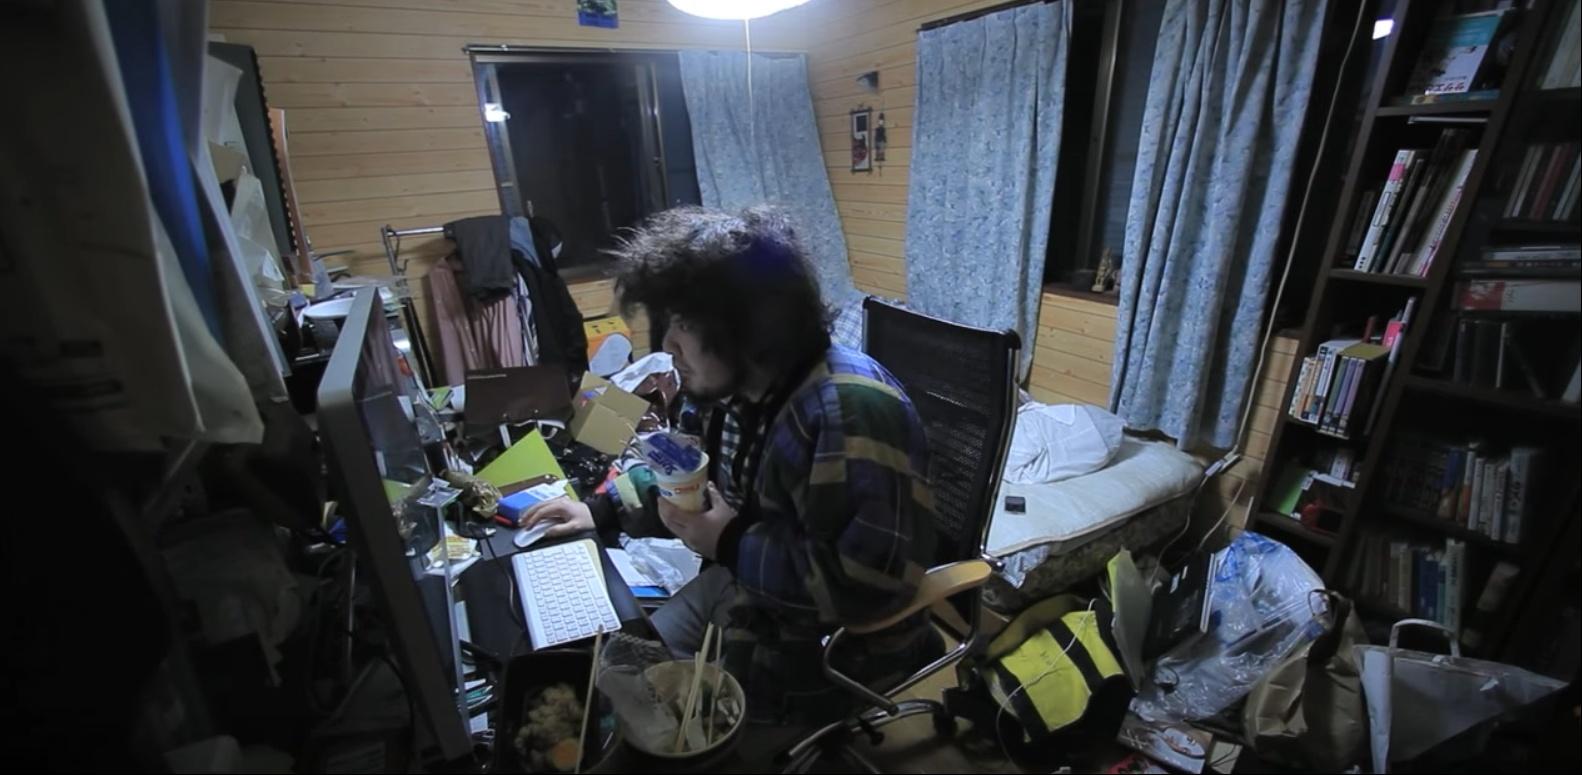 圖片來源:Daily life of a hikikomori 影片